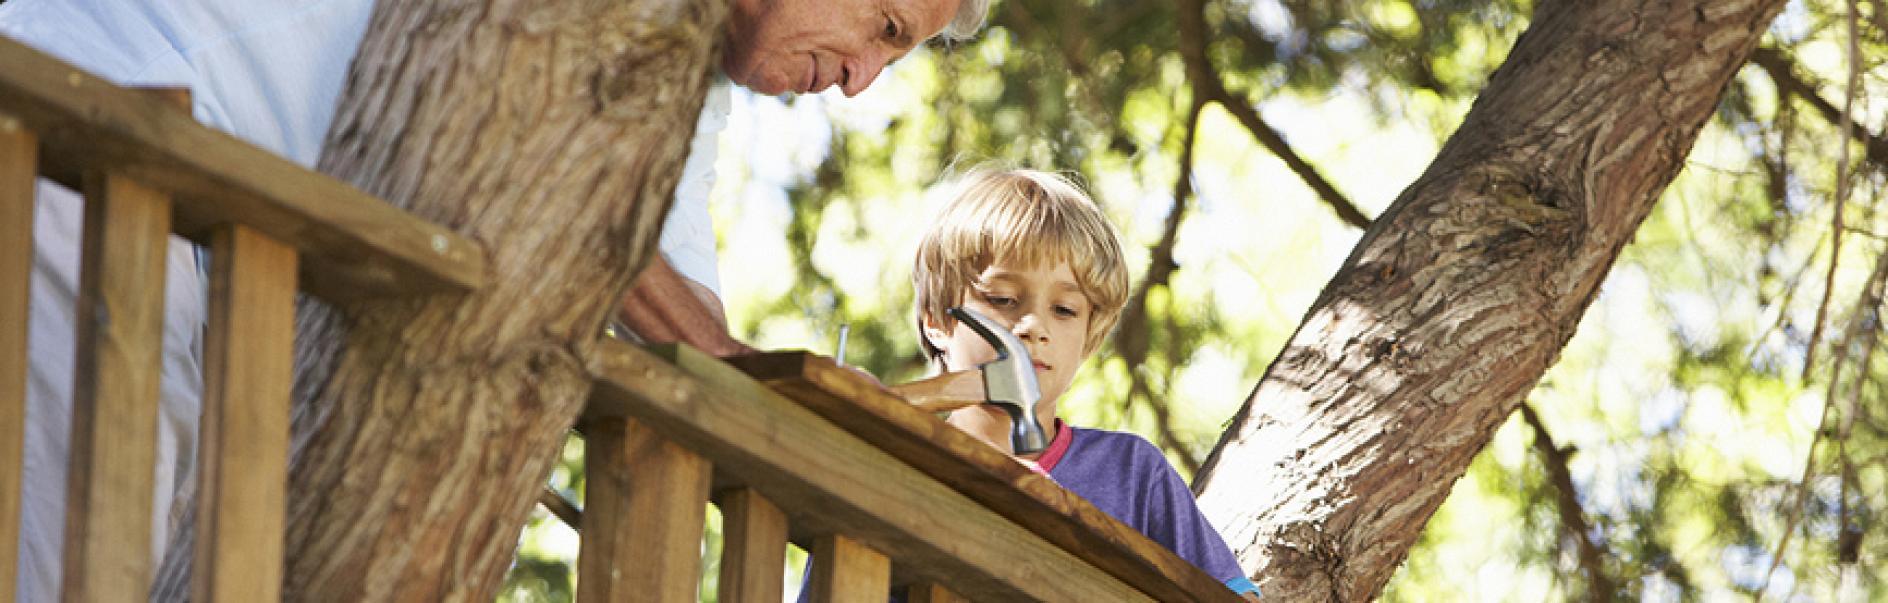 Come costruire una casa sull albero - Costruire casa sull albero bambini ...